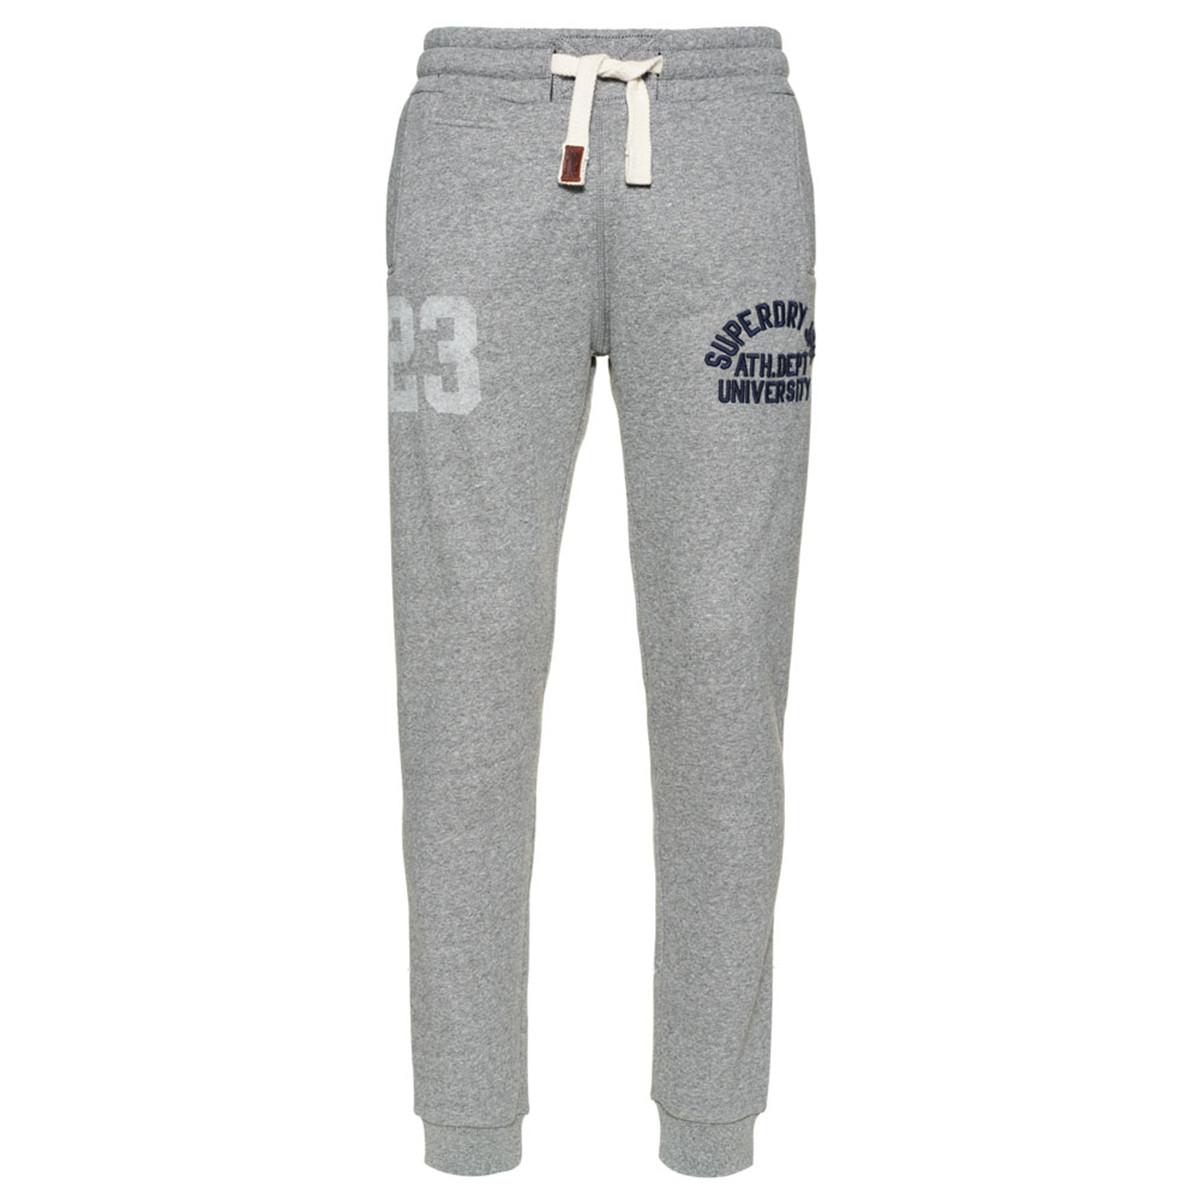 6eb422665e910 Core Appliquel Pantalon Jogging Homme Core Appliquel Pantalon Jogging Homme  ...